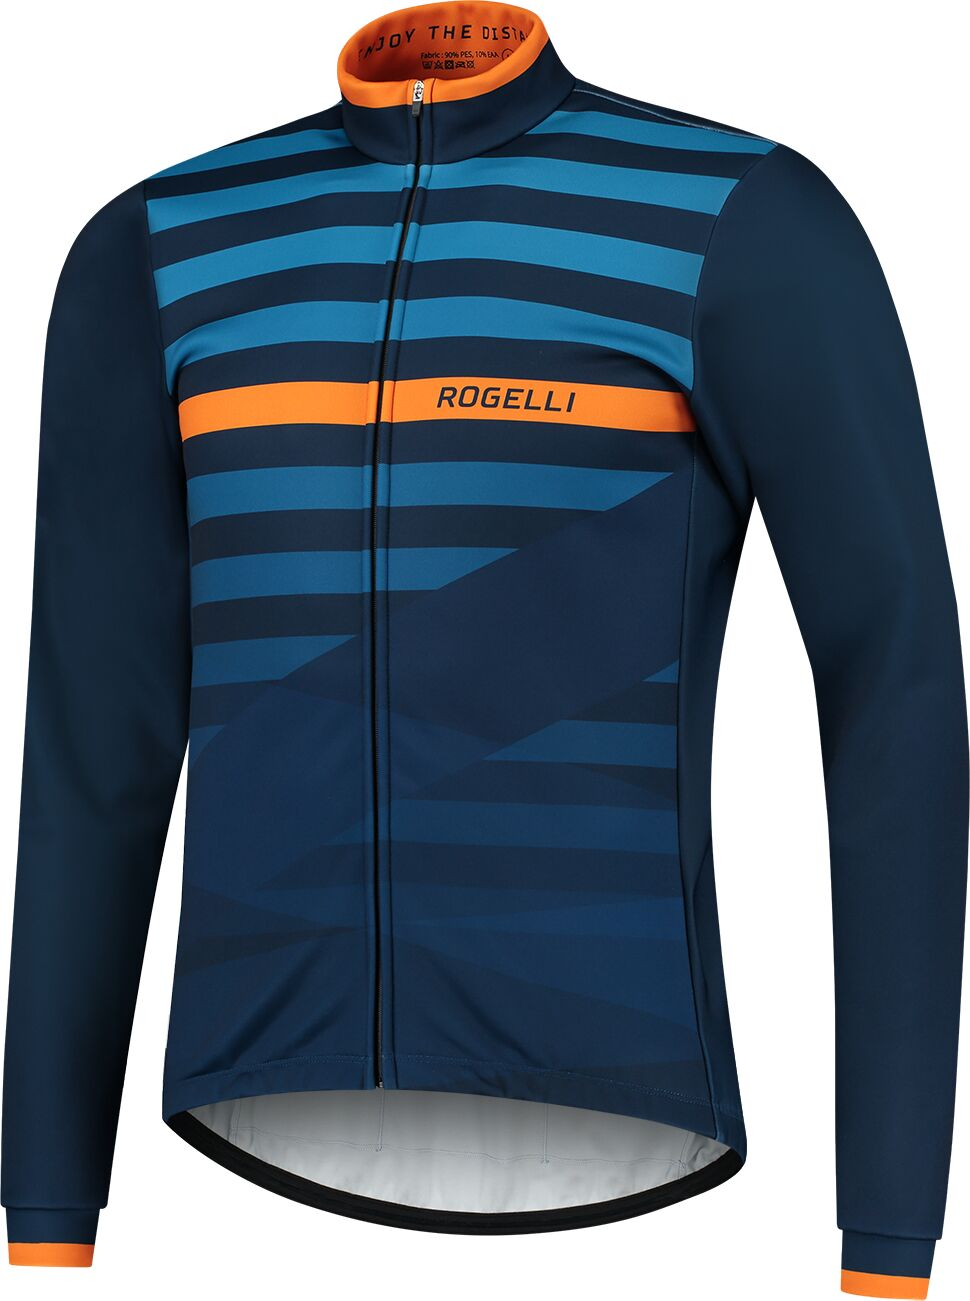 ROGELLI kurtka rowerowa zimowa STRIPE blue ROG351041 Rozmiar: L,SROG351041.S